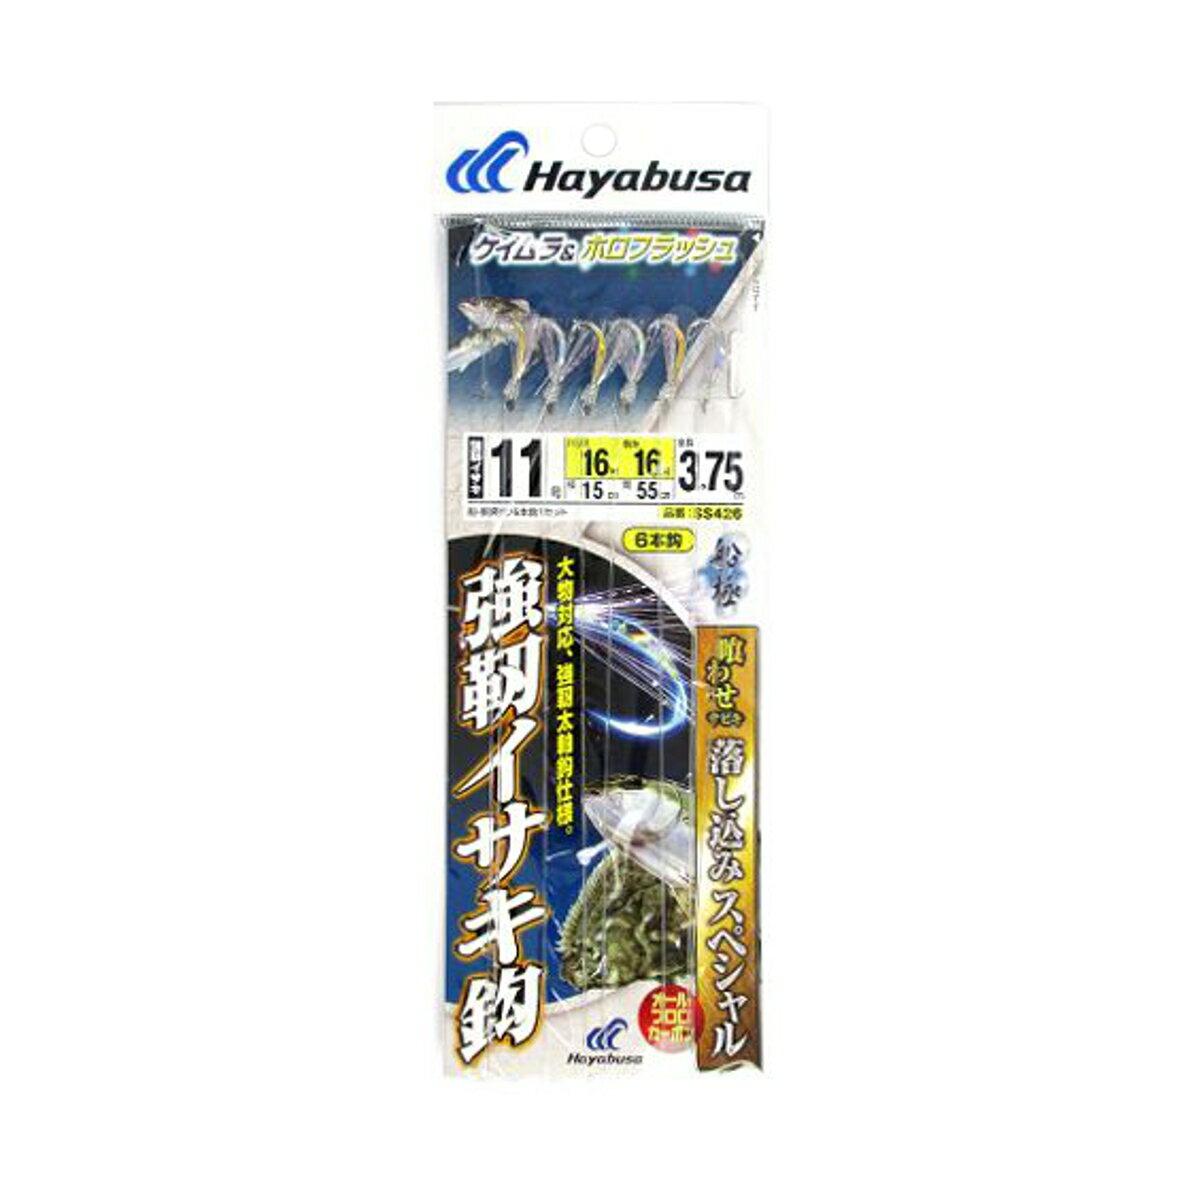 ハヤブサ 船極喰わせサビキ 落し込みスペシャル ケイムラ&ホロフラッシュ SS426 針11号−ハリス16号